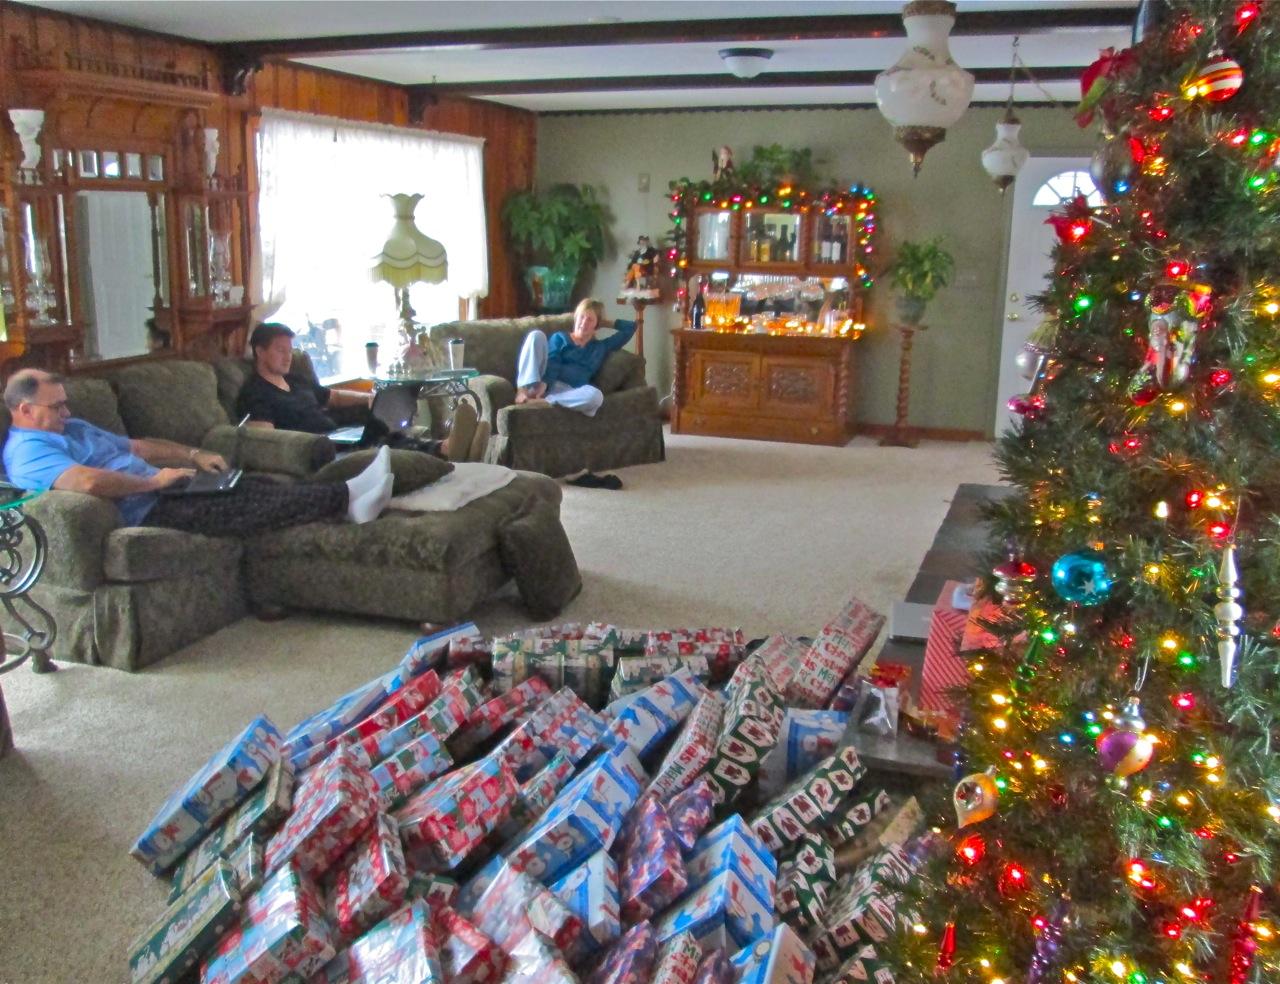 Bill's TN Paradise: Christmas in snowy NY - 2012